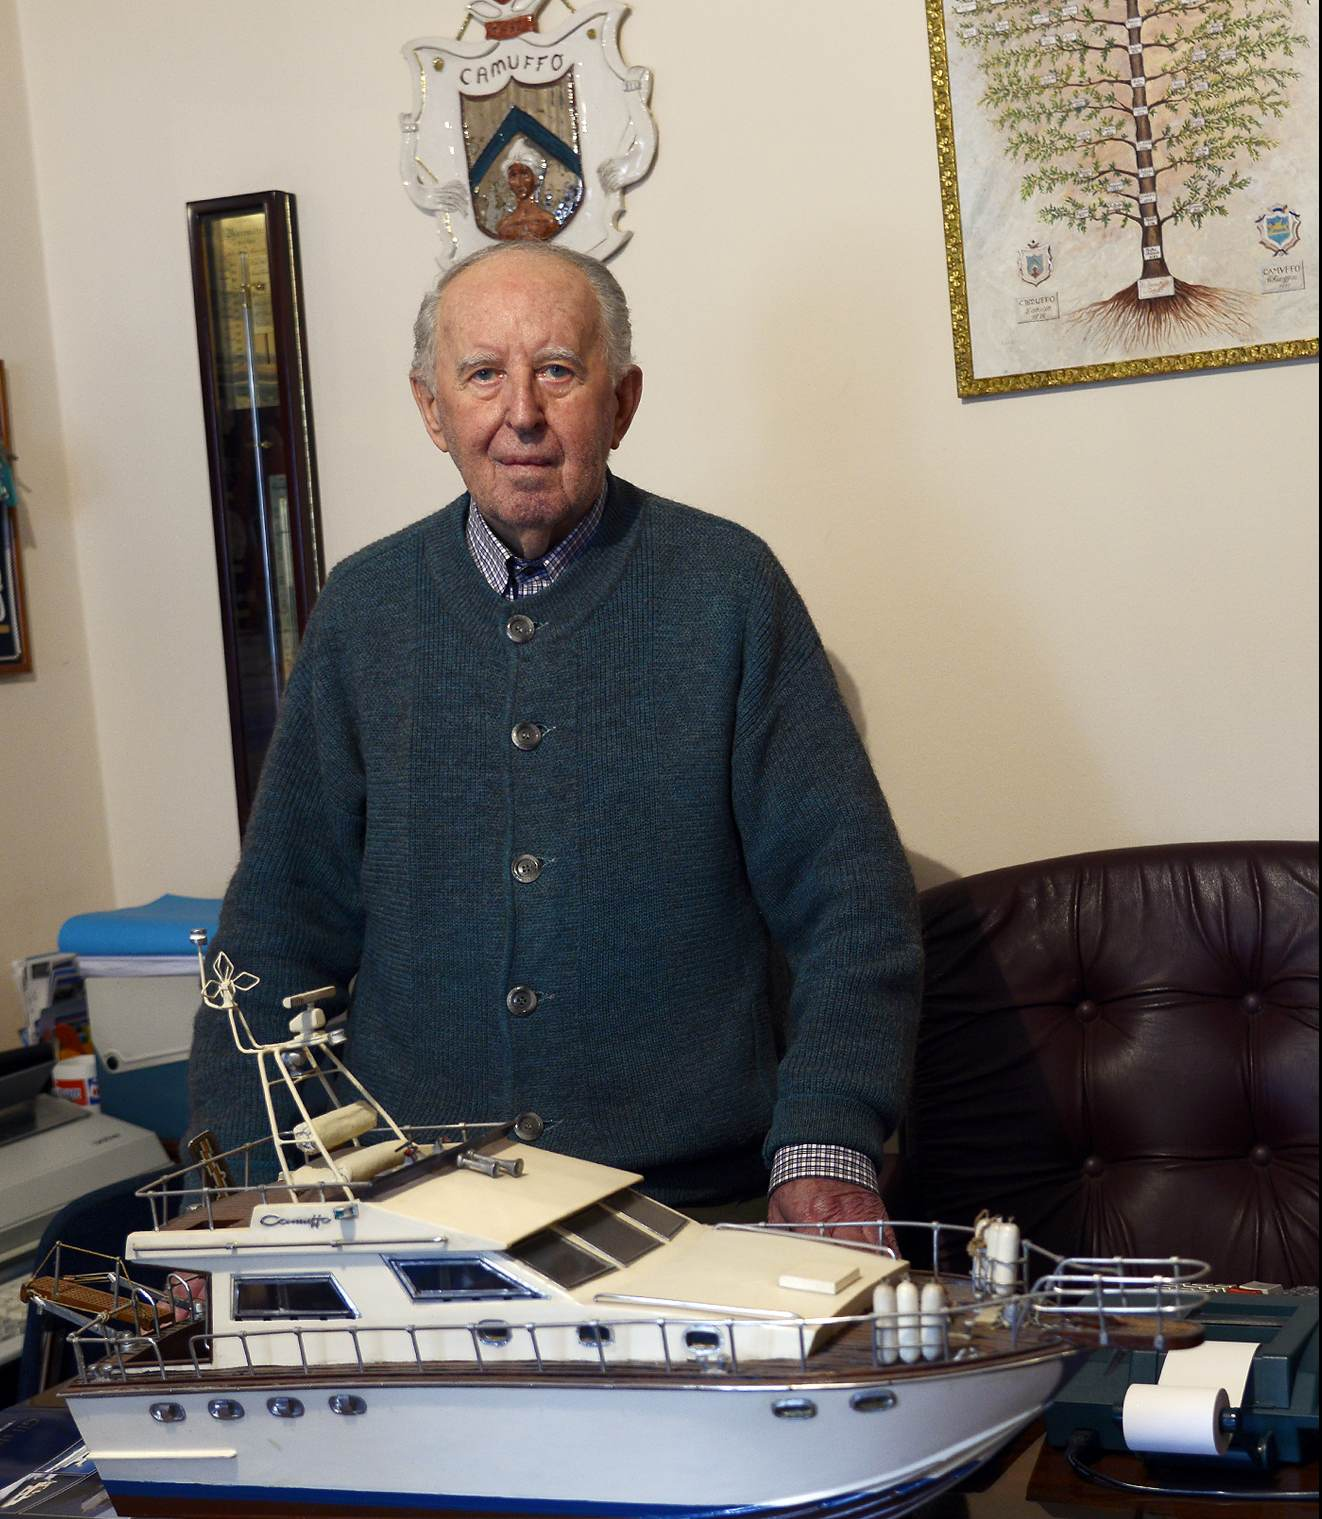 Marco Camuffo con modellino yacht